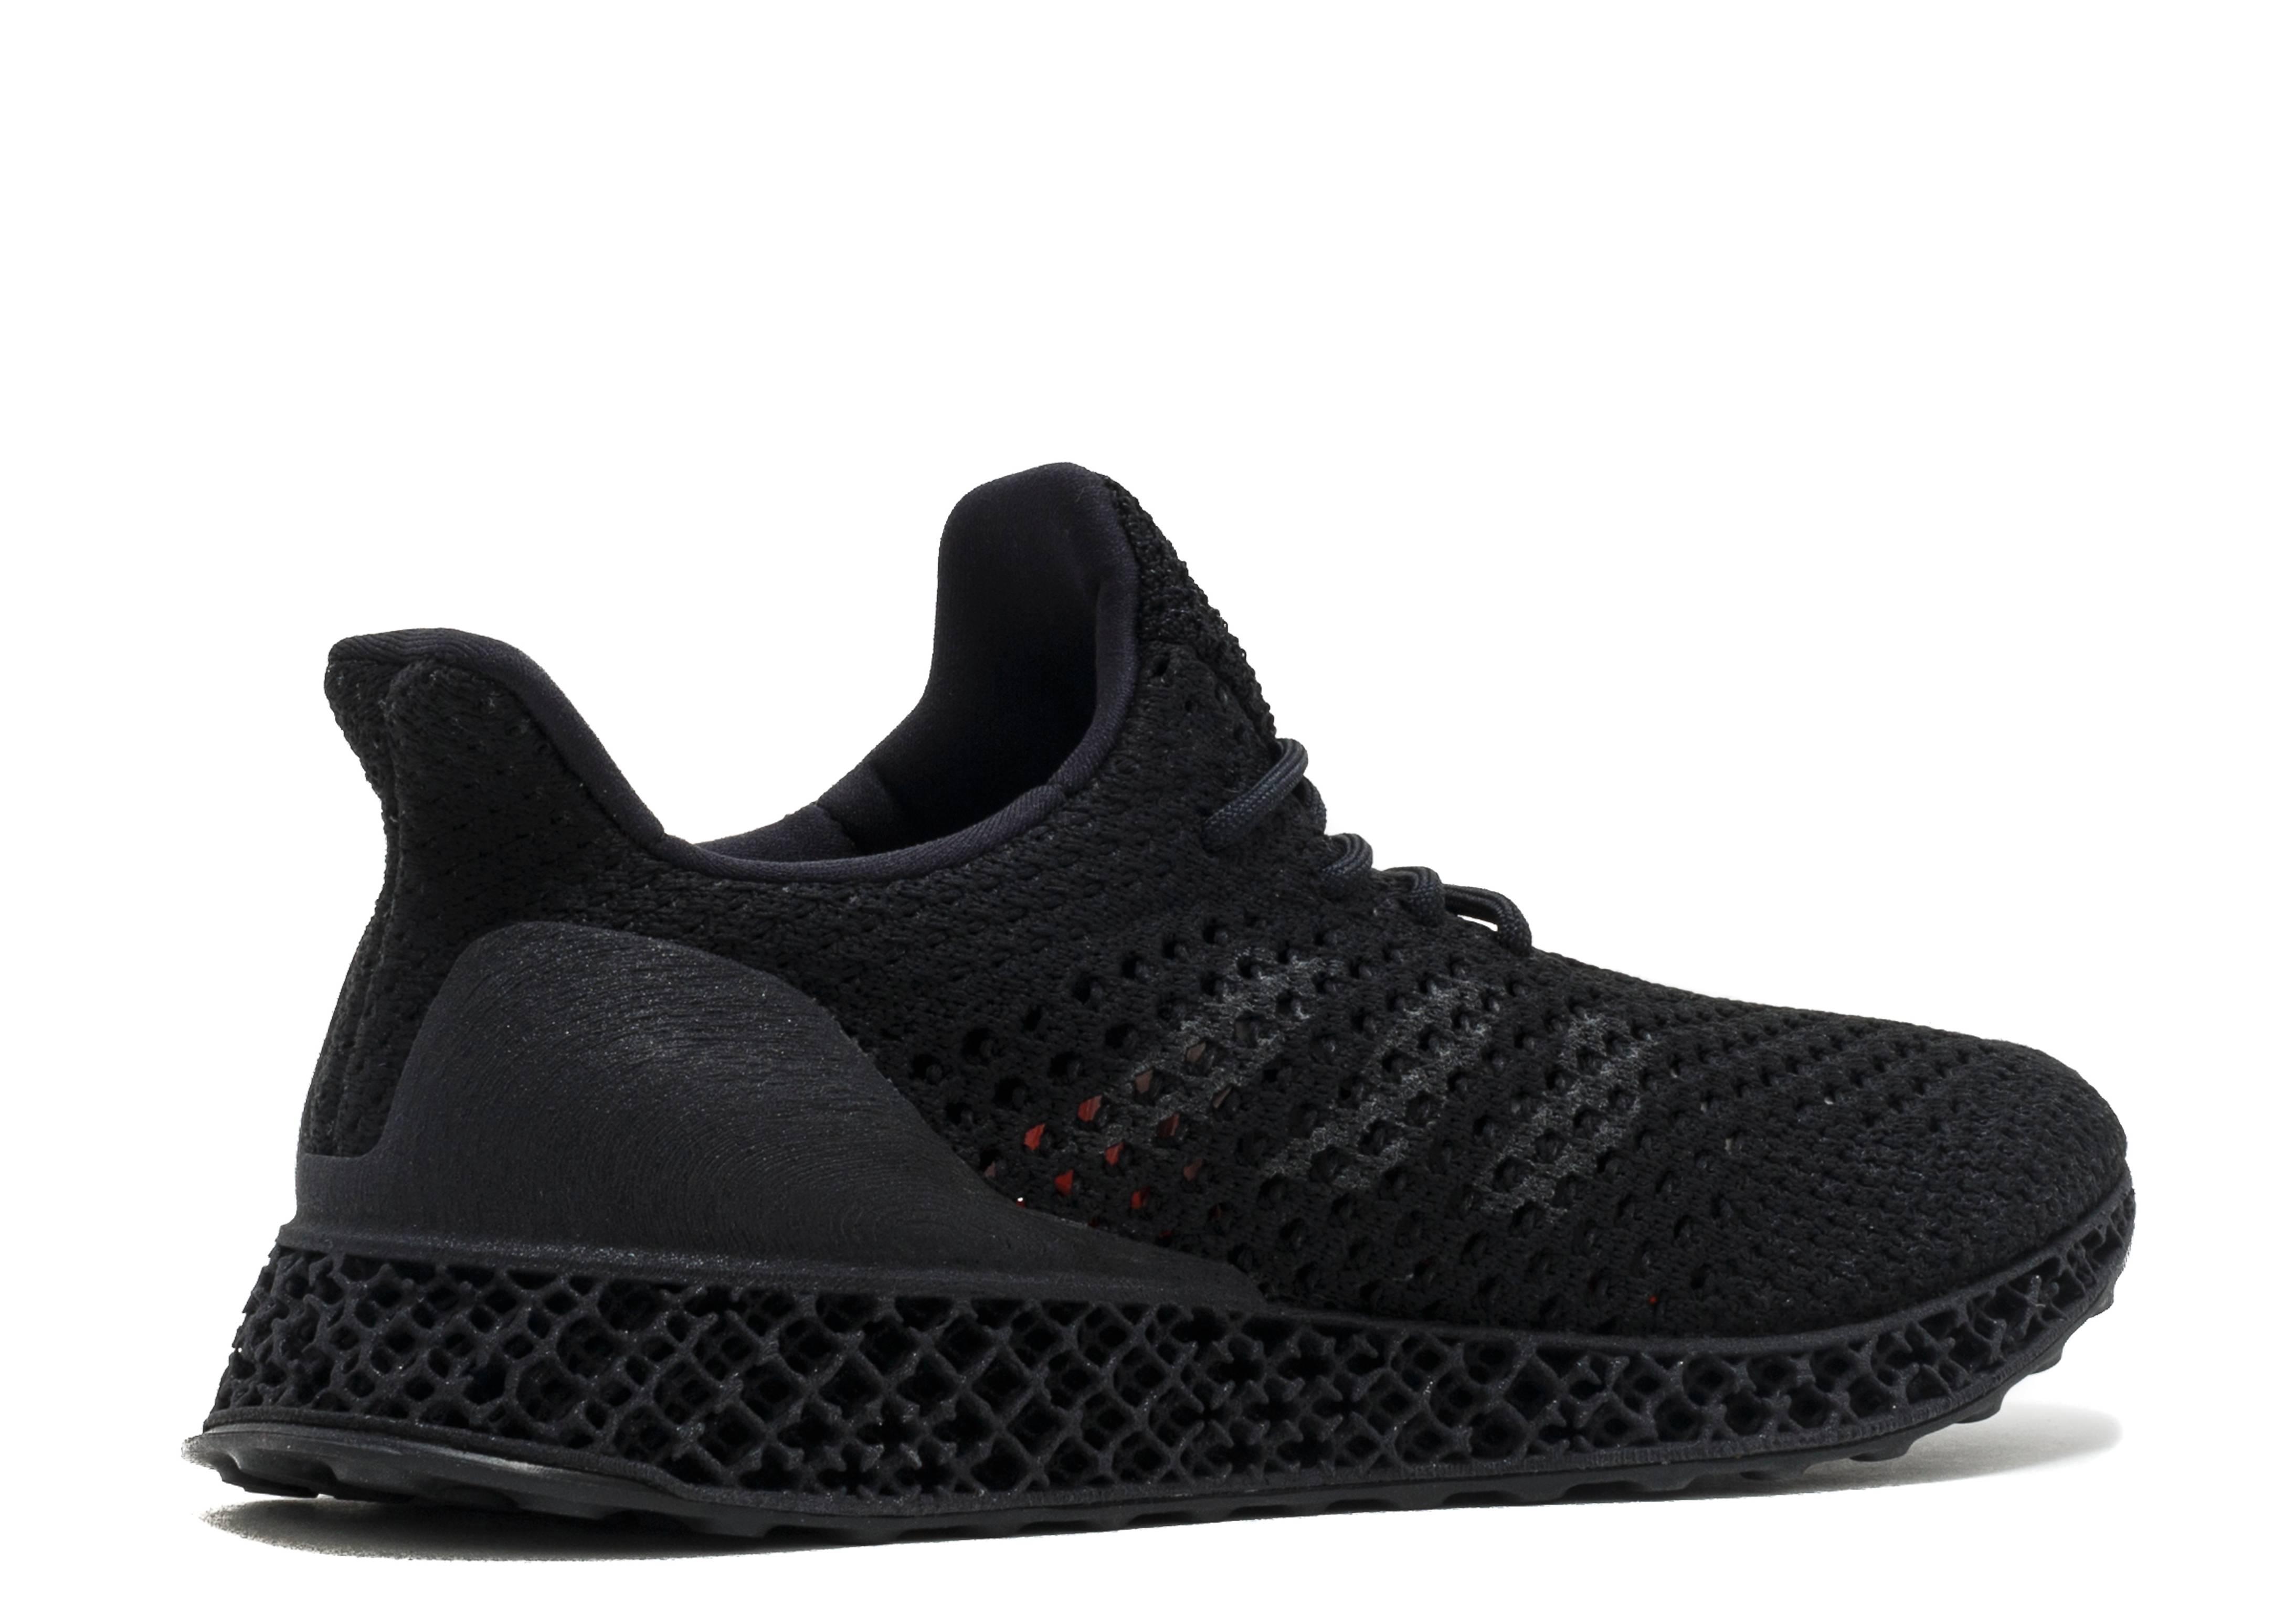 0dc6c1f3c Adidas 3d Runner